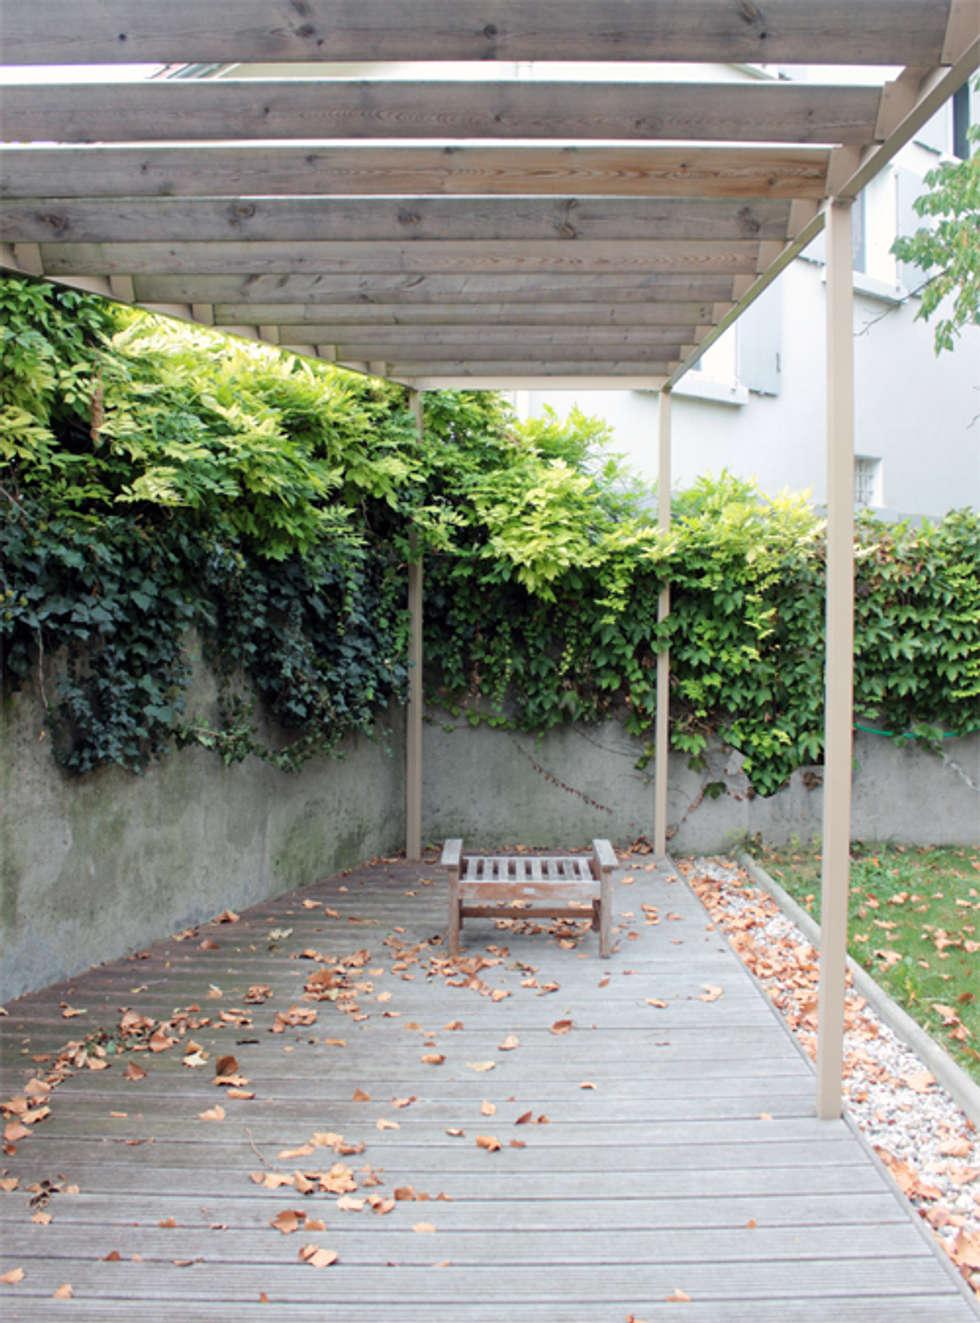 Maison - Grenoble: Maisons de style de style eclectique par ISIT ARCHITECTURE